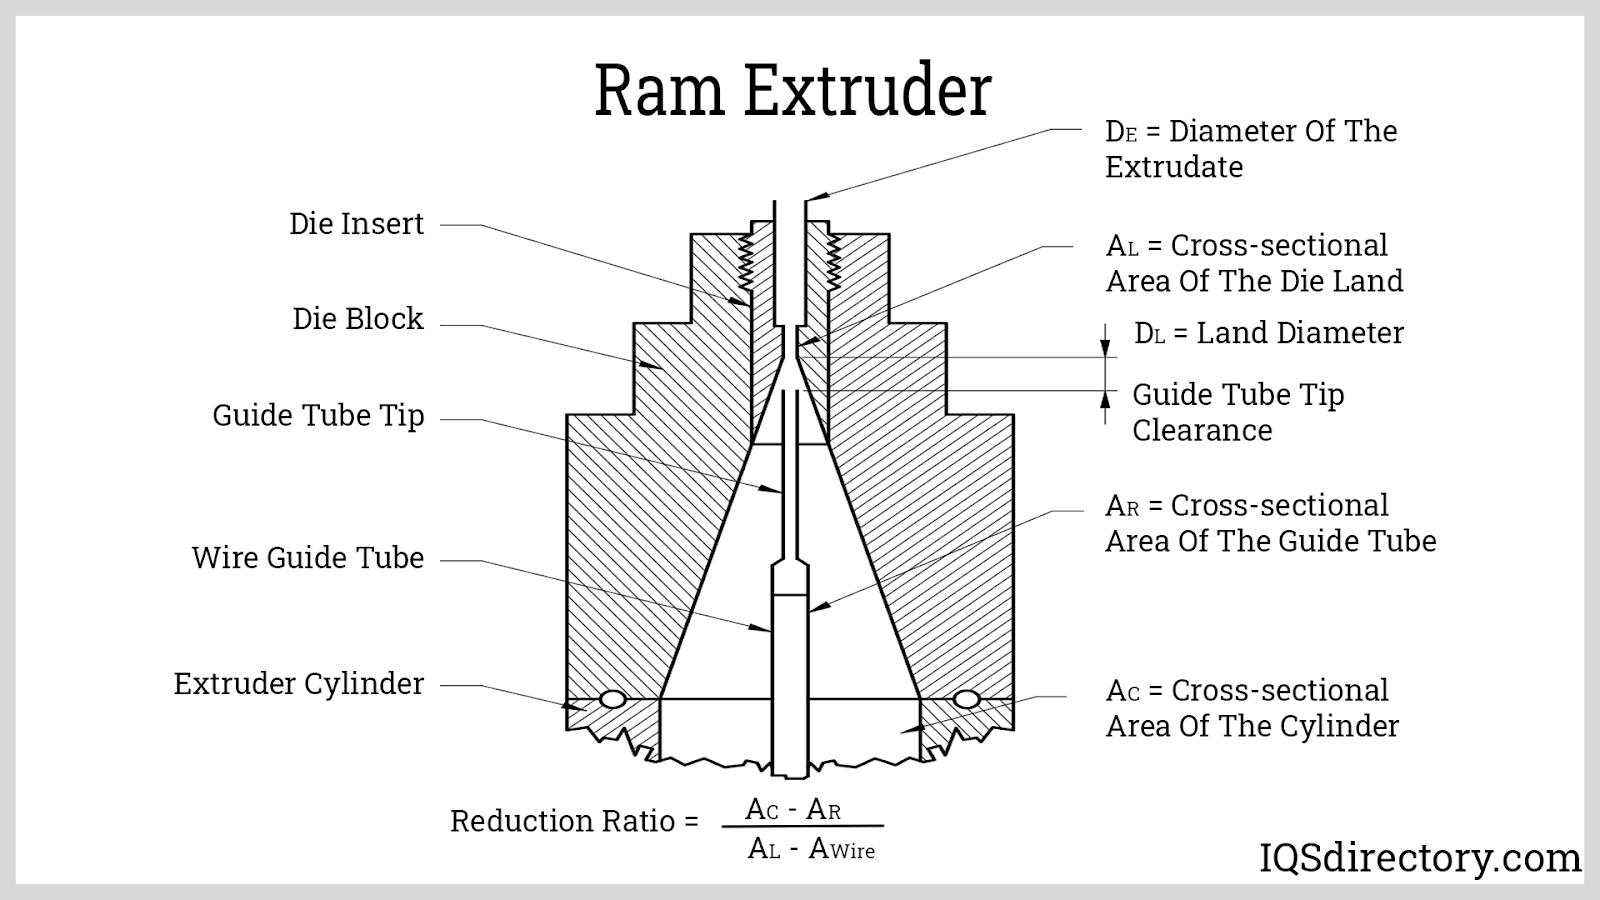 Ram Extruder